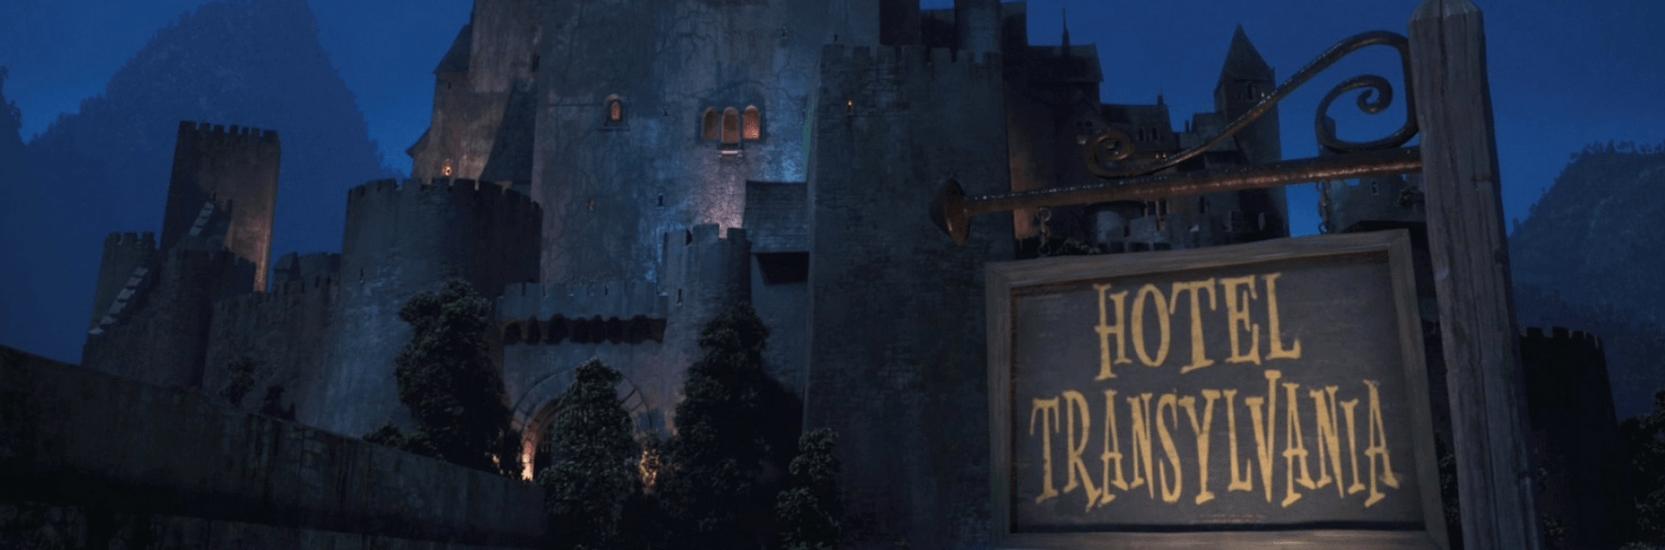 Preview – Hôtel Transylvanie, Genndy Tartakovsky visite Dracula pour Sony !